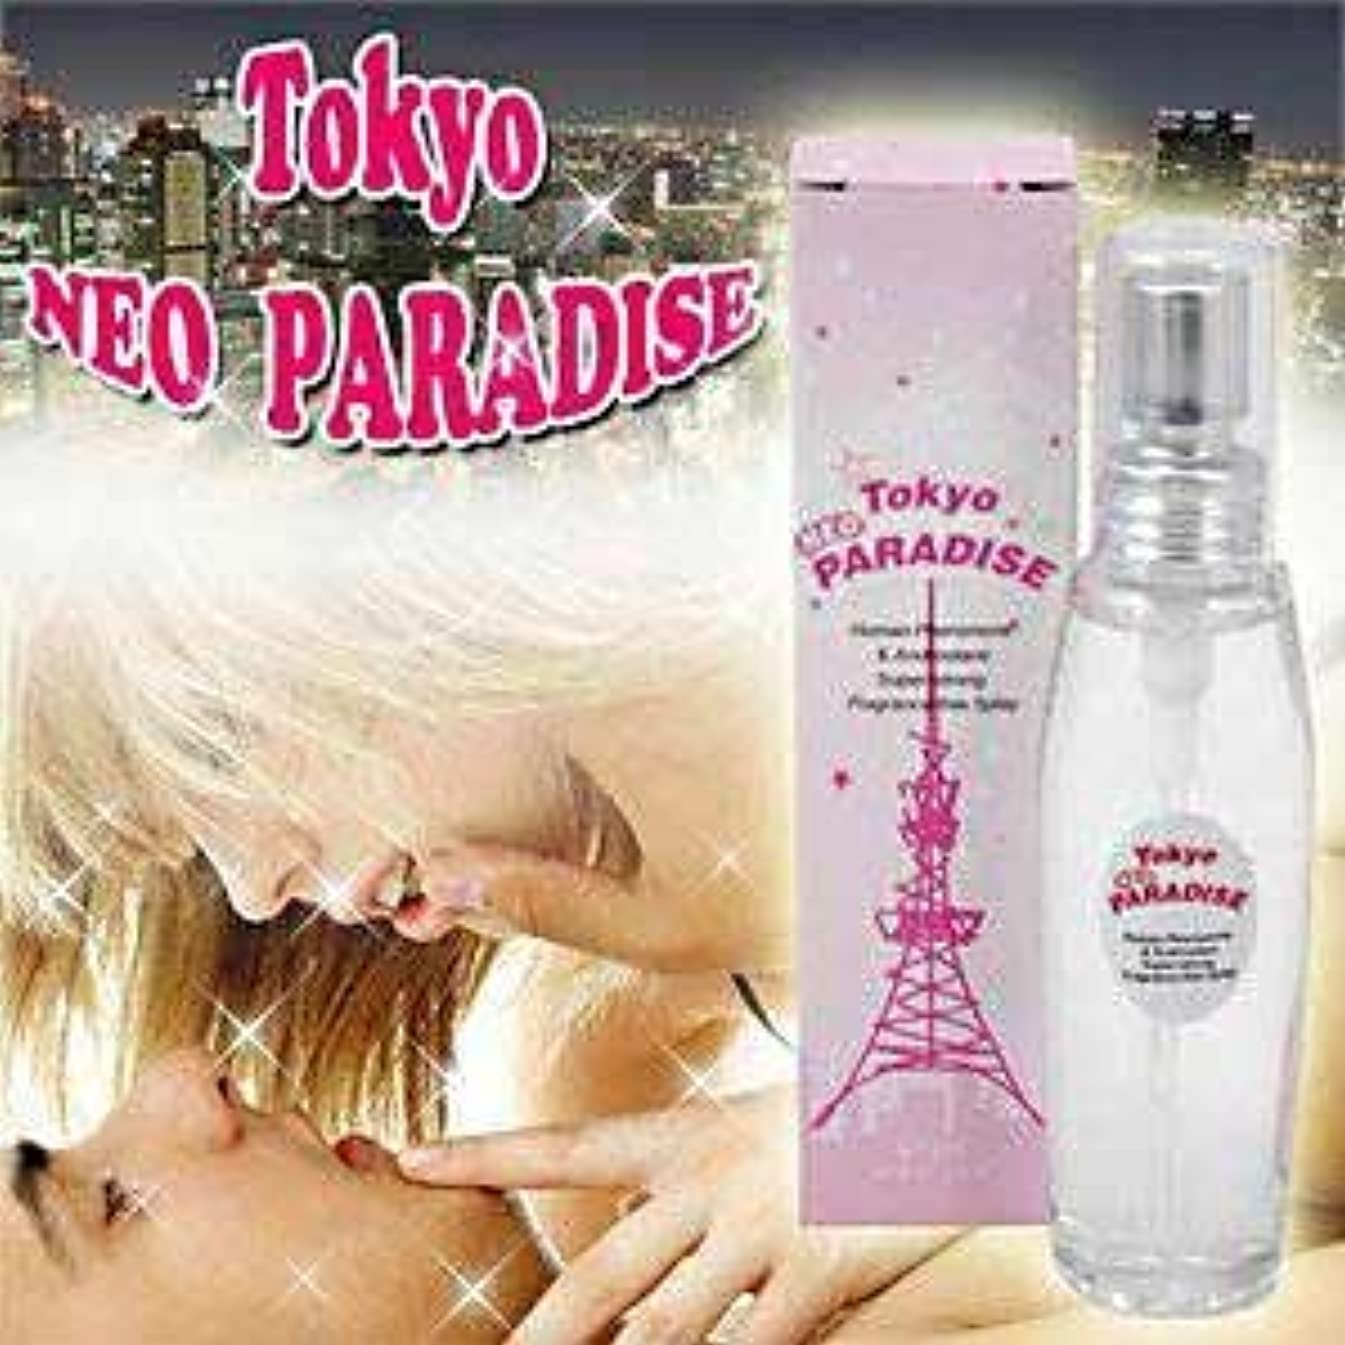 皿比較的請求男性用フェロモン香水東京ネオパラダイス(フェロモンフレグランス)